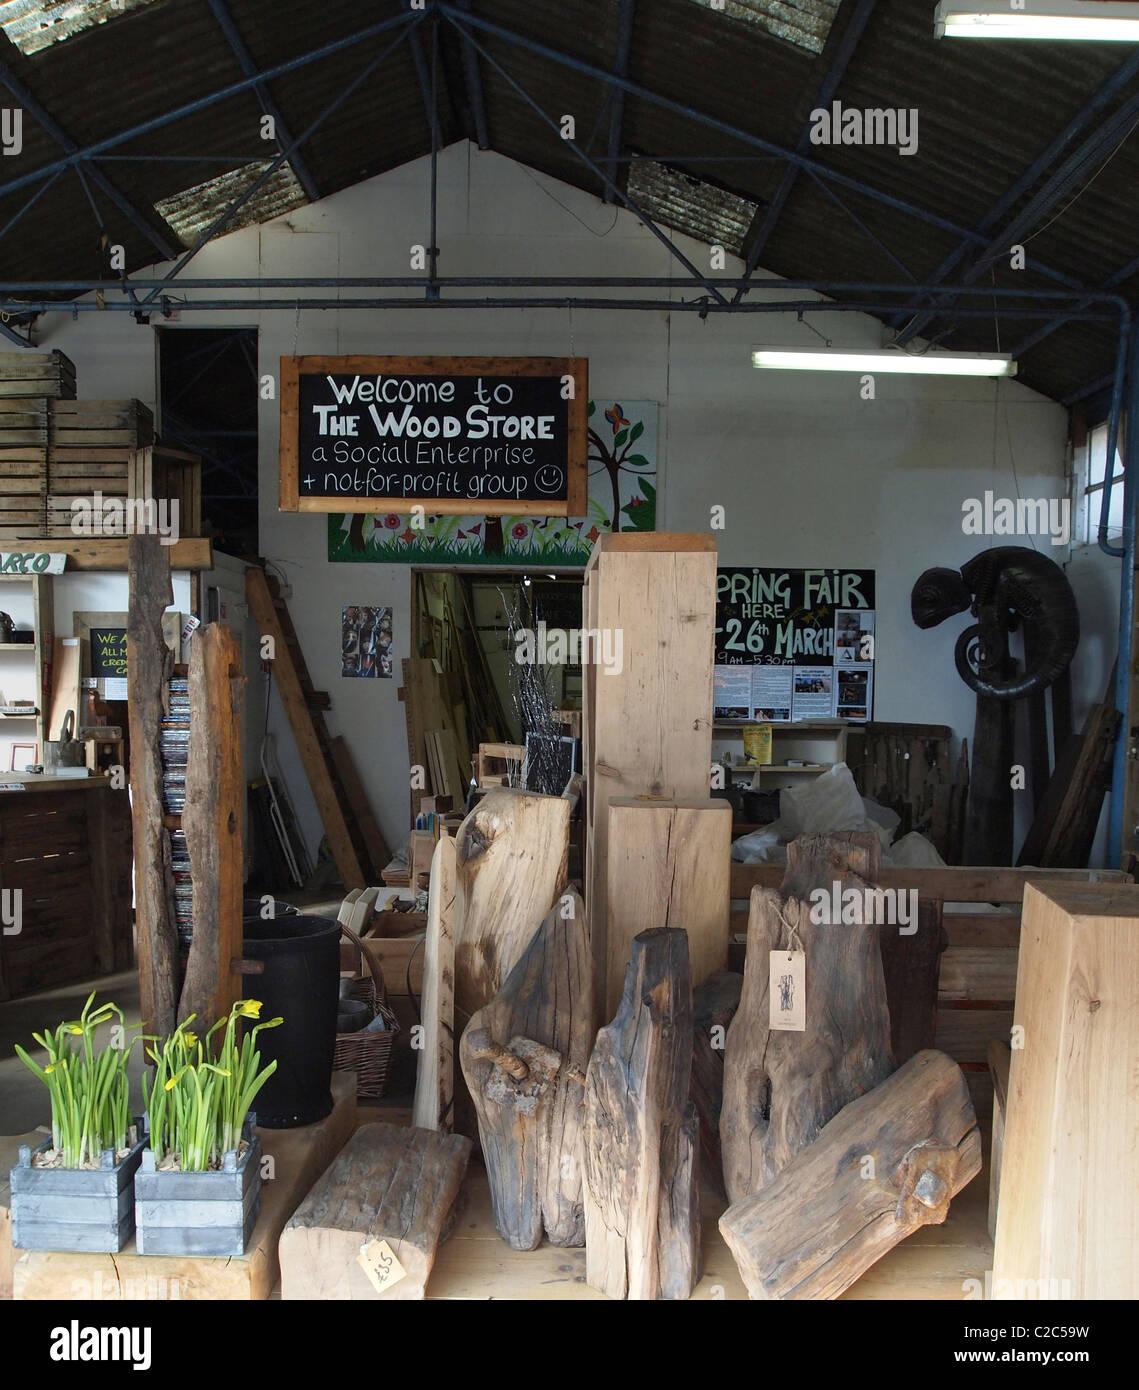 Les articles fabriqués à partir de bois recyclé en vente à l'accueil de Brighton Woodstore, Photo Stock